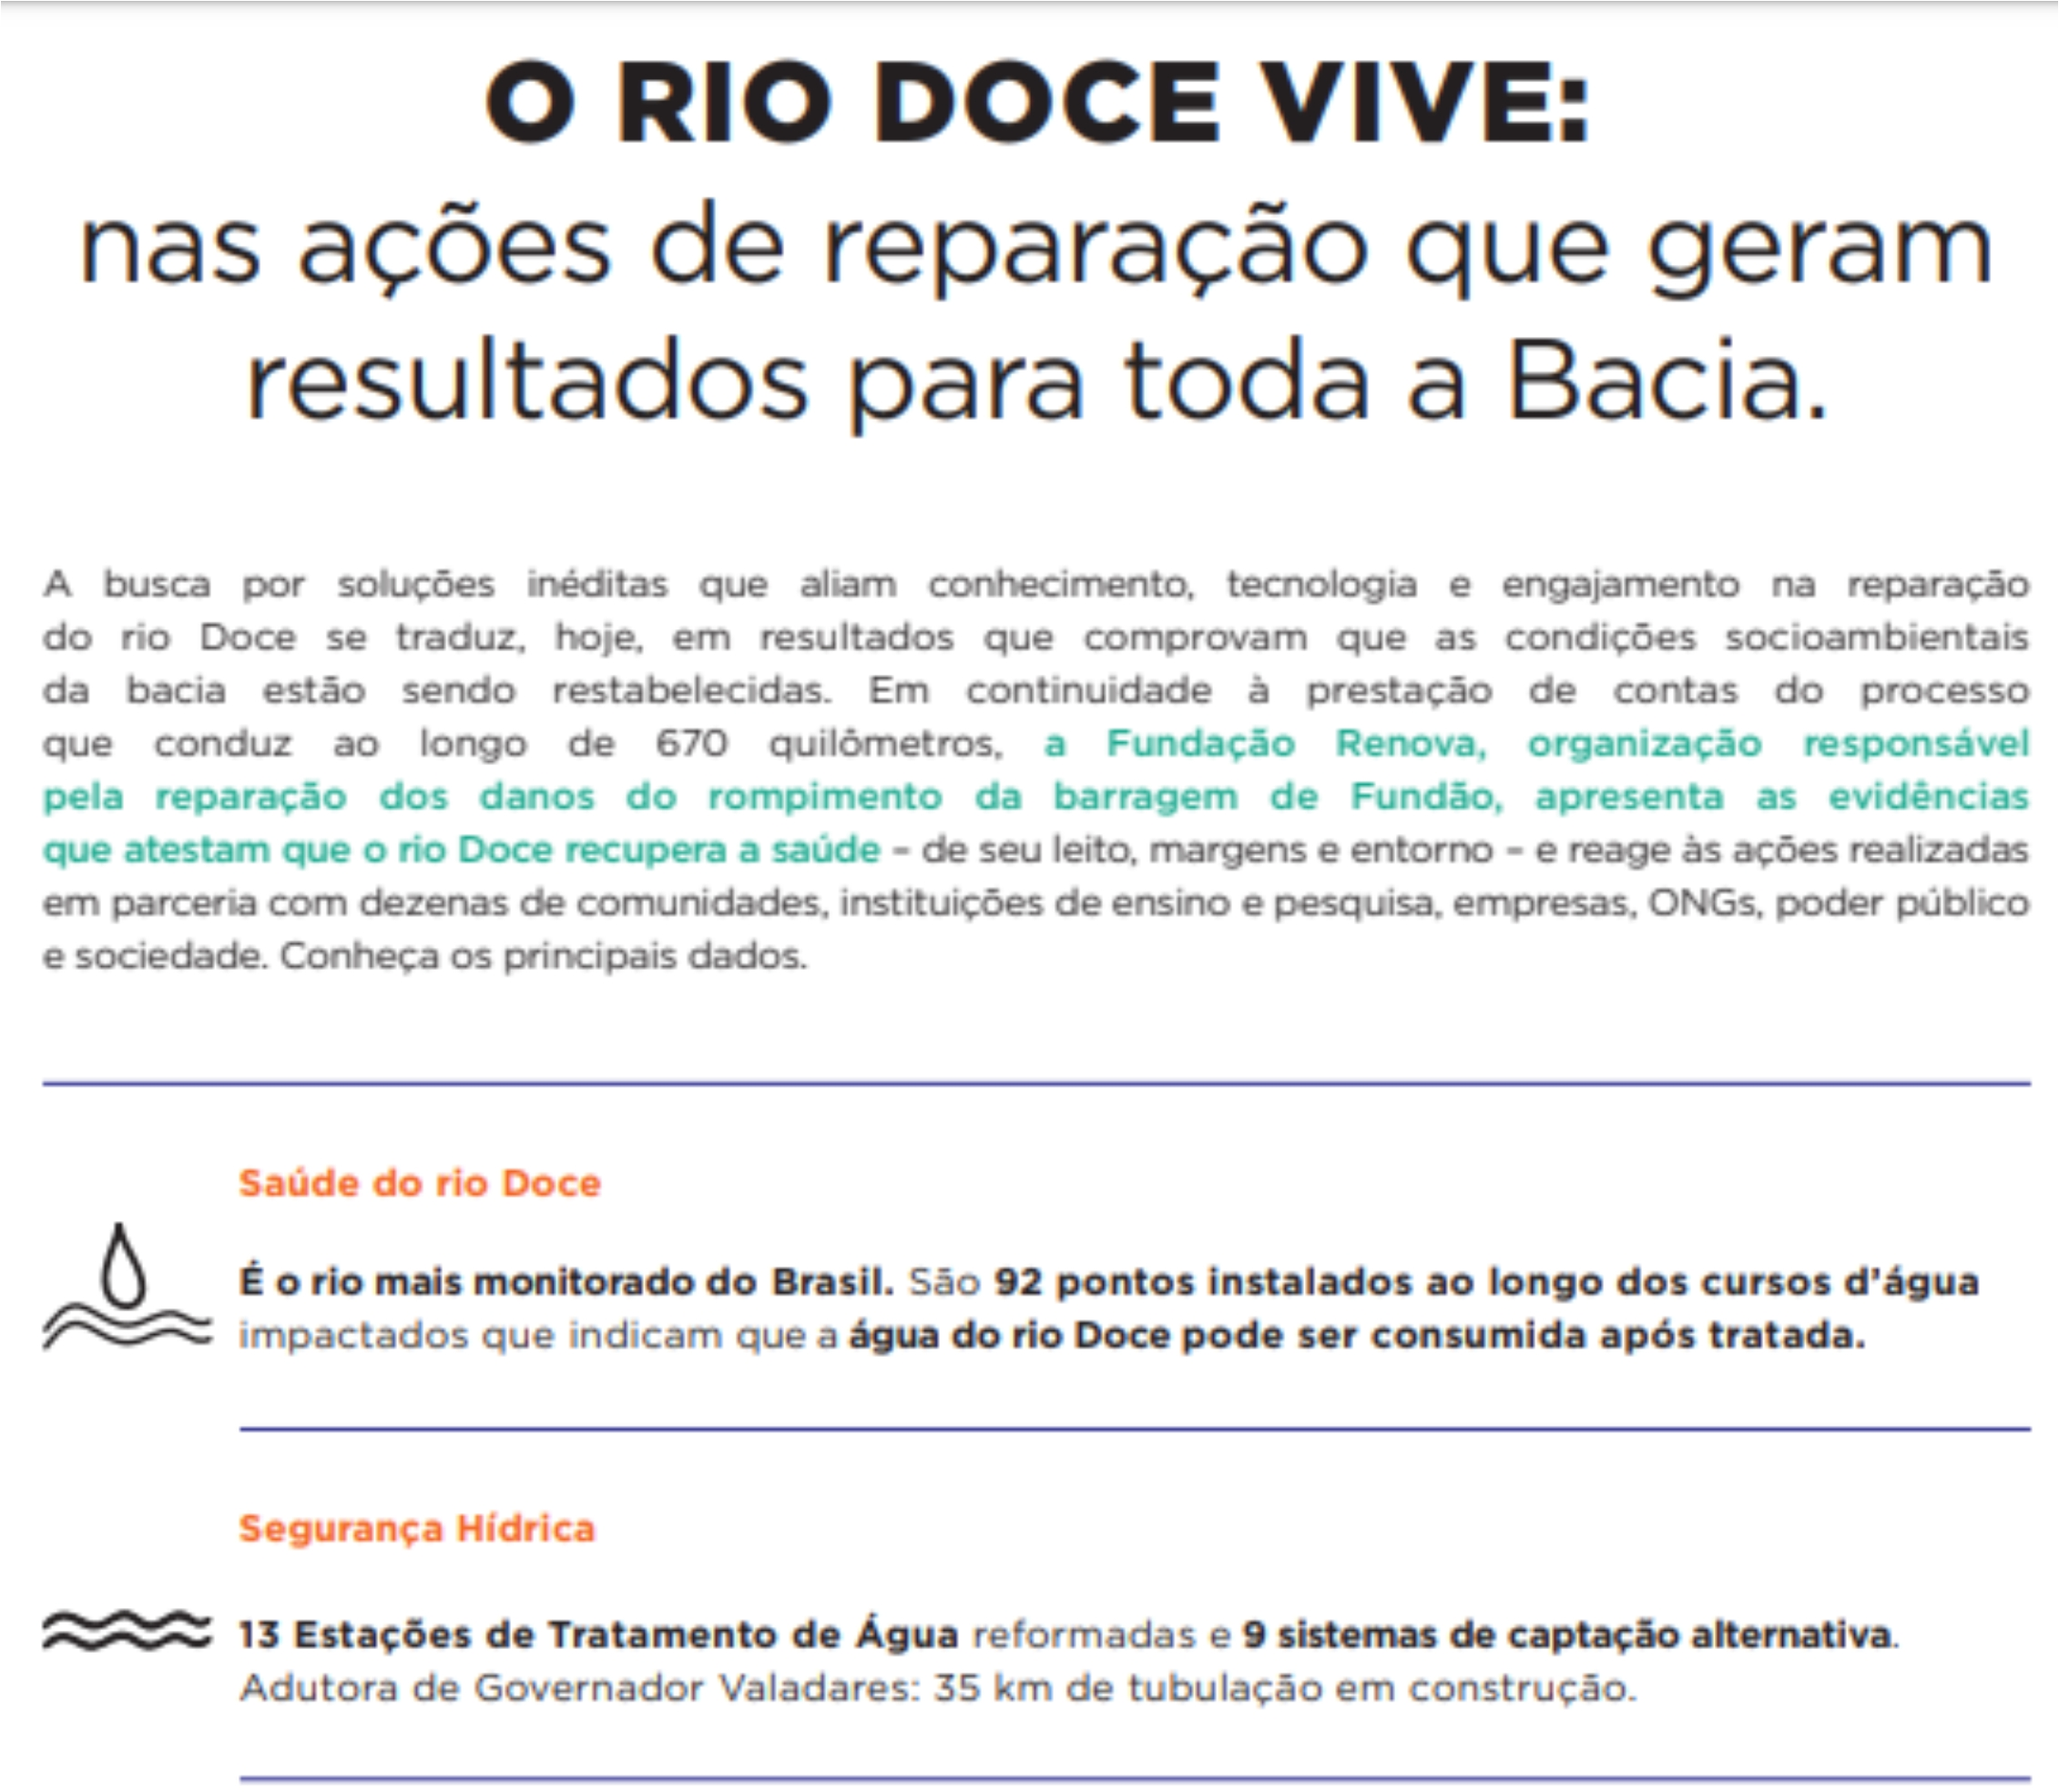 O RIO DOCE VIVE: NAS AÇÕES DE REPARAÇÃO QUE GERAM RESULTADOS PARA TODA A BACIA